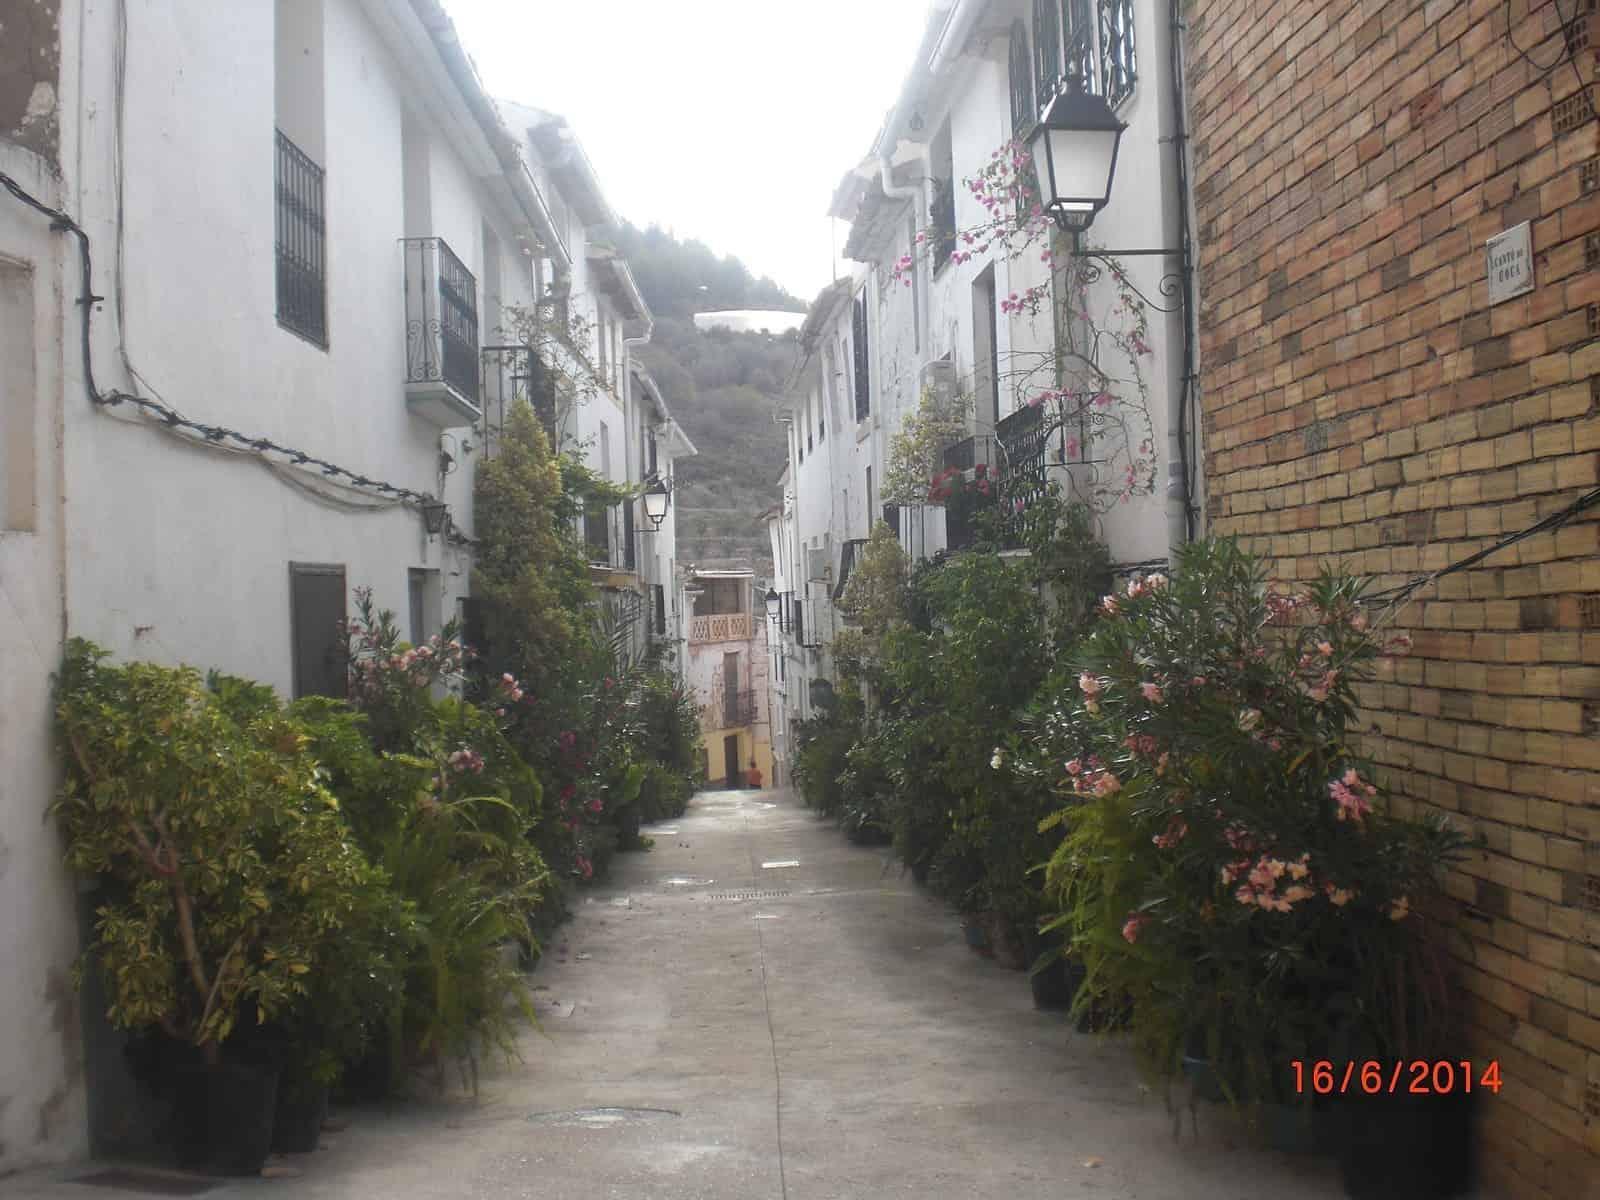 1432302224_6. Calle de Bolulla